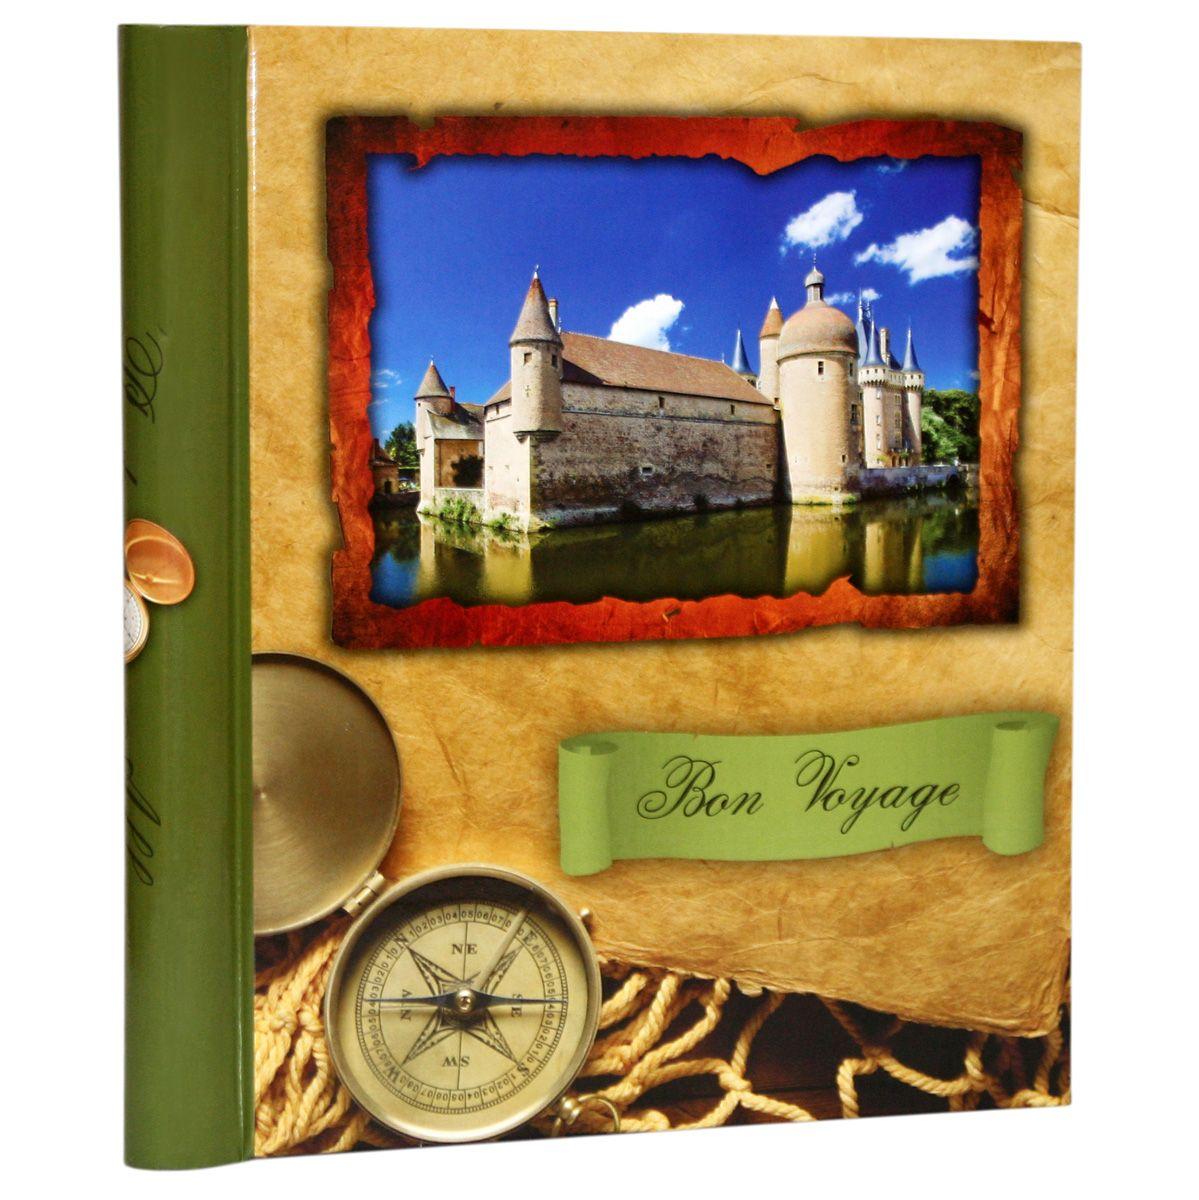 Фотоальбом Pioneer Bon Voyage, 10 магнитных листов, цвет: зеленый, 23 х 28 см46213 AP102328SAФотоальбом Pioneer Bon Voyage позволит вам запечатлеть незабываемые моменты вашей жизни, сохранить своиистории и воспоминания на его страницах. Обложка из толстого картона оформлена оригинальным принтом. Фотоальбом рассчитан на 10фотографий форматом 23 х 28 см. Такой необычный фотоальбом позволит легкозаполнить страницы вашей истории, и с годами ничего не забудется. Тип обложки: Ламинированный картон. Тип листов: магнитные. Тип переплета: спираль. Материалы, использованные в изготовлении альбома, обеспечивают высокое качество хранения ваших фотографий,поэтому фотографии не желтеют со временем.